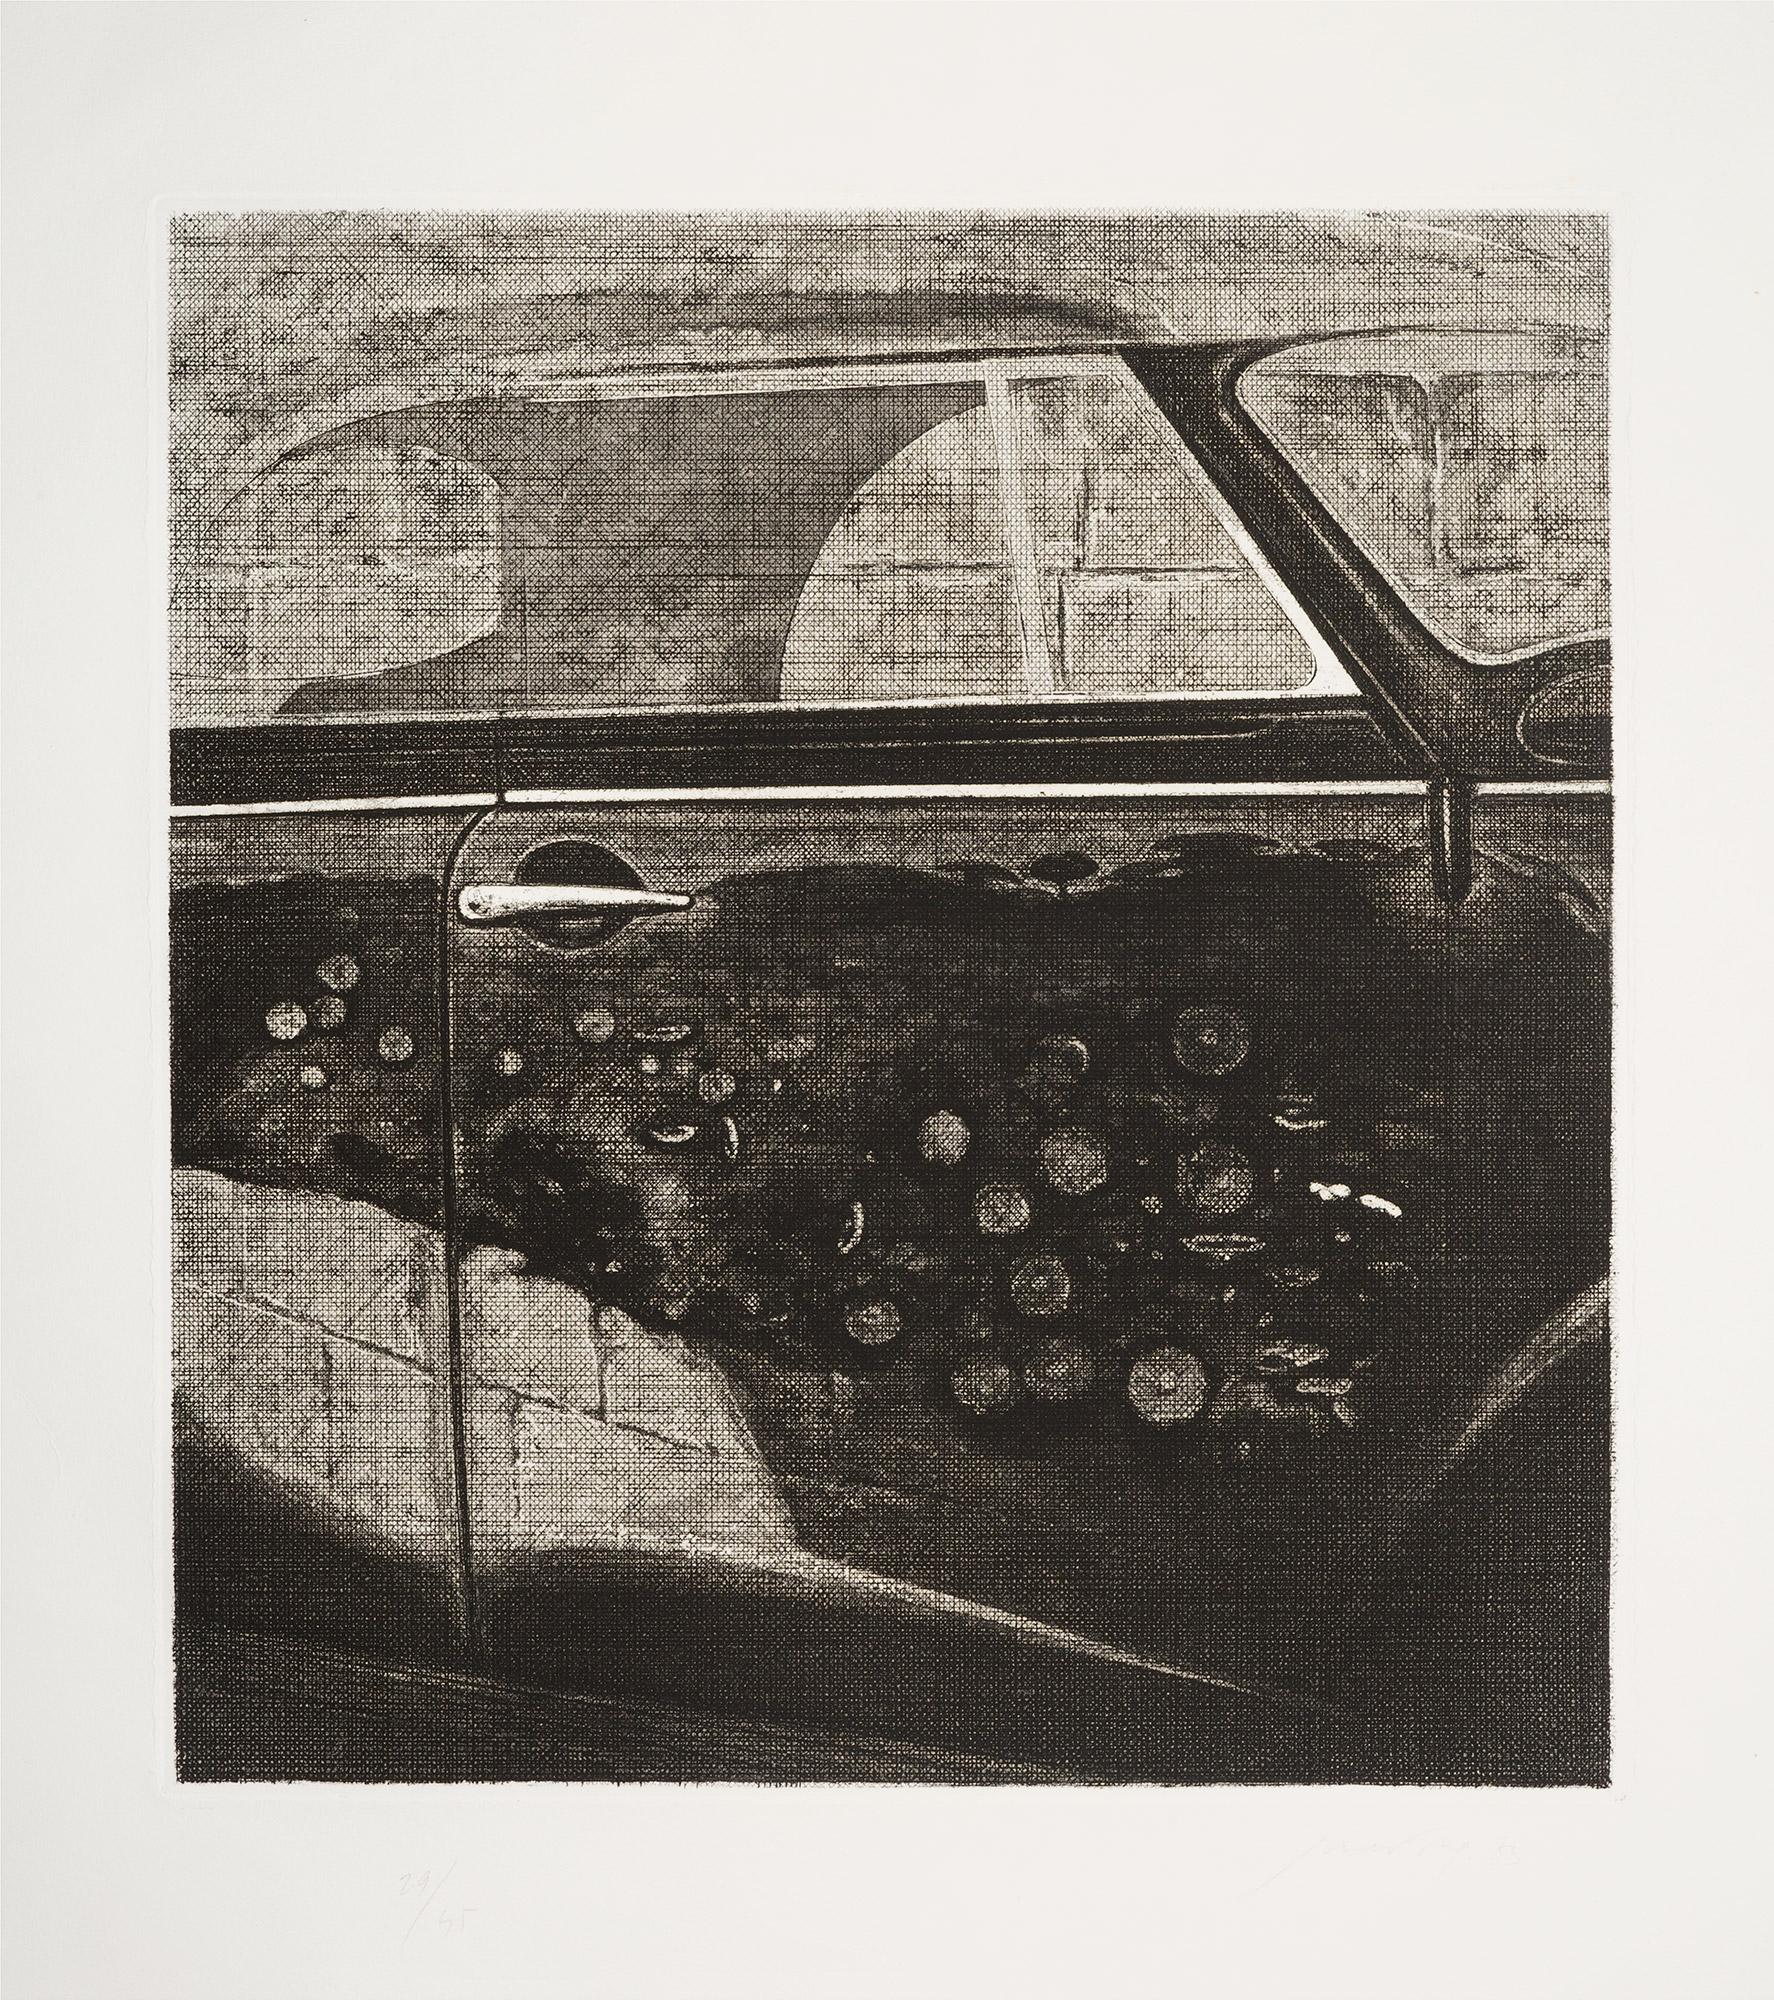 Fiori, macchina e muro, 1973